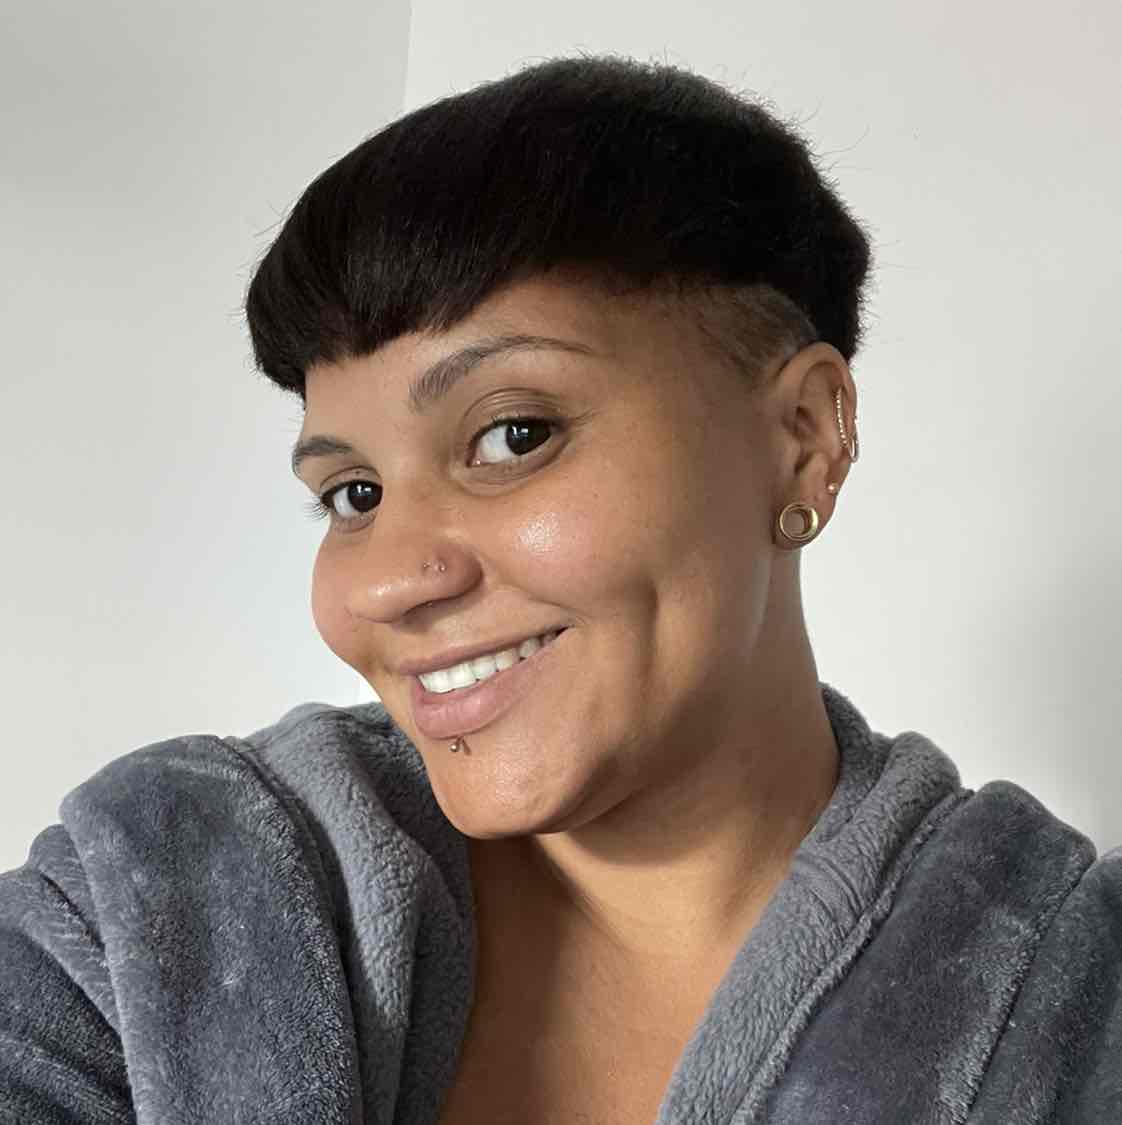 salon de coiffure afro tresse tresses box braids crochet braids vanilles tissages paris 75 77 78 91 92 93 94 95 HSDYAVNV